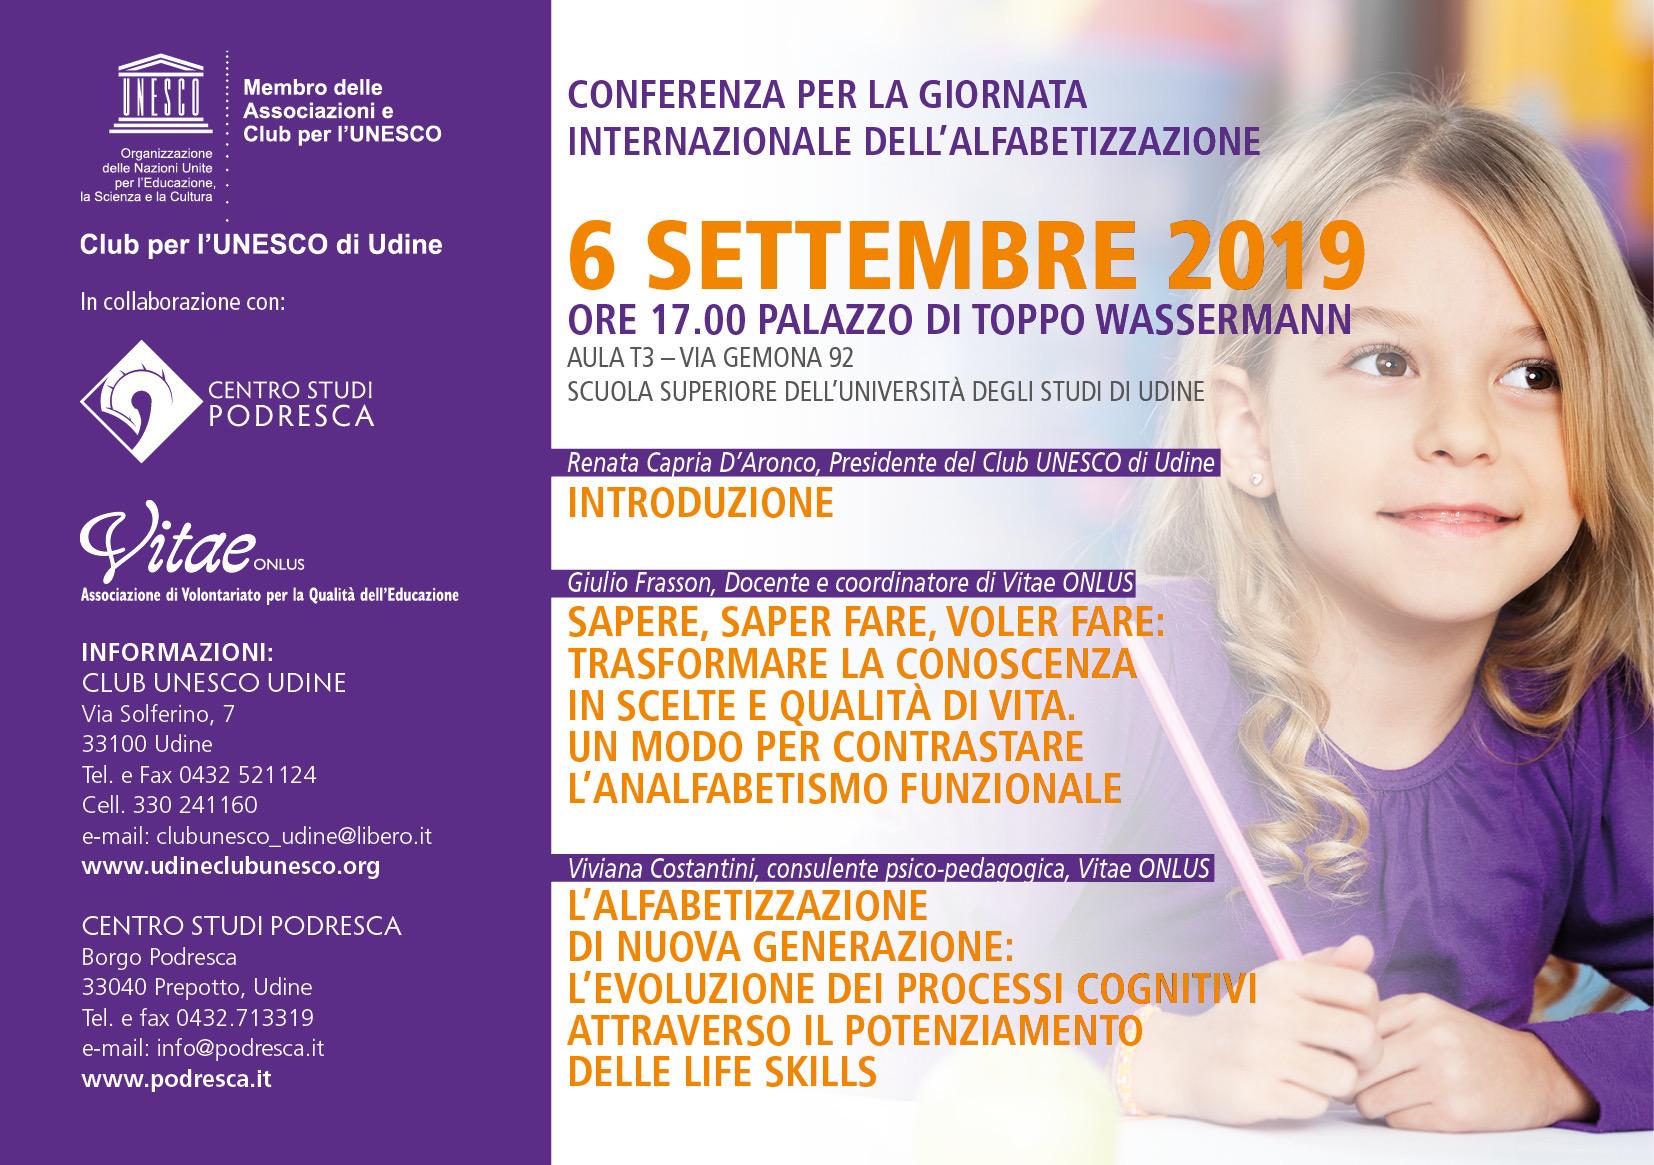 conferenza-6-settembre-2019